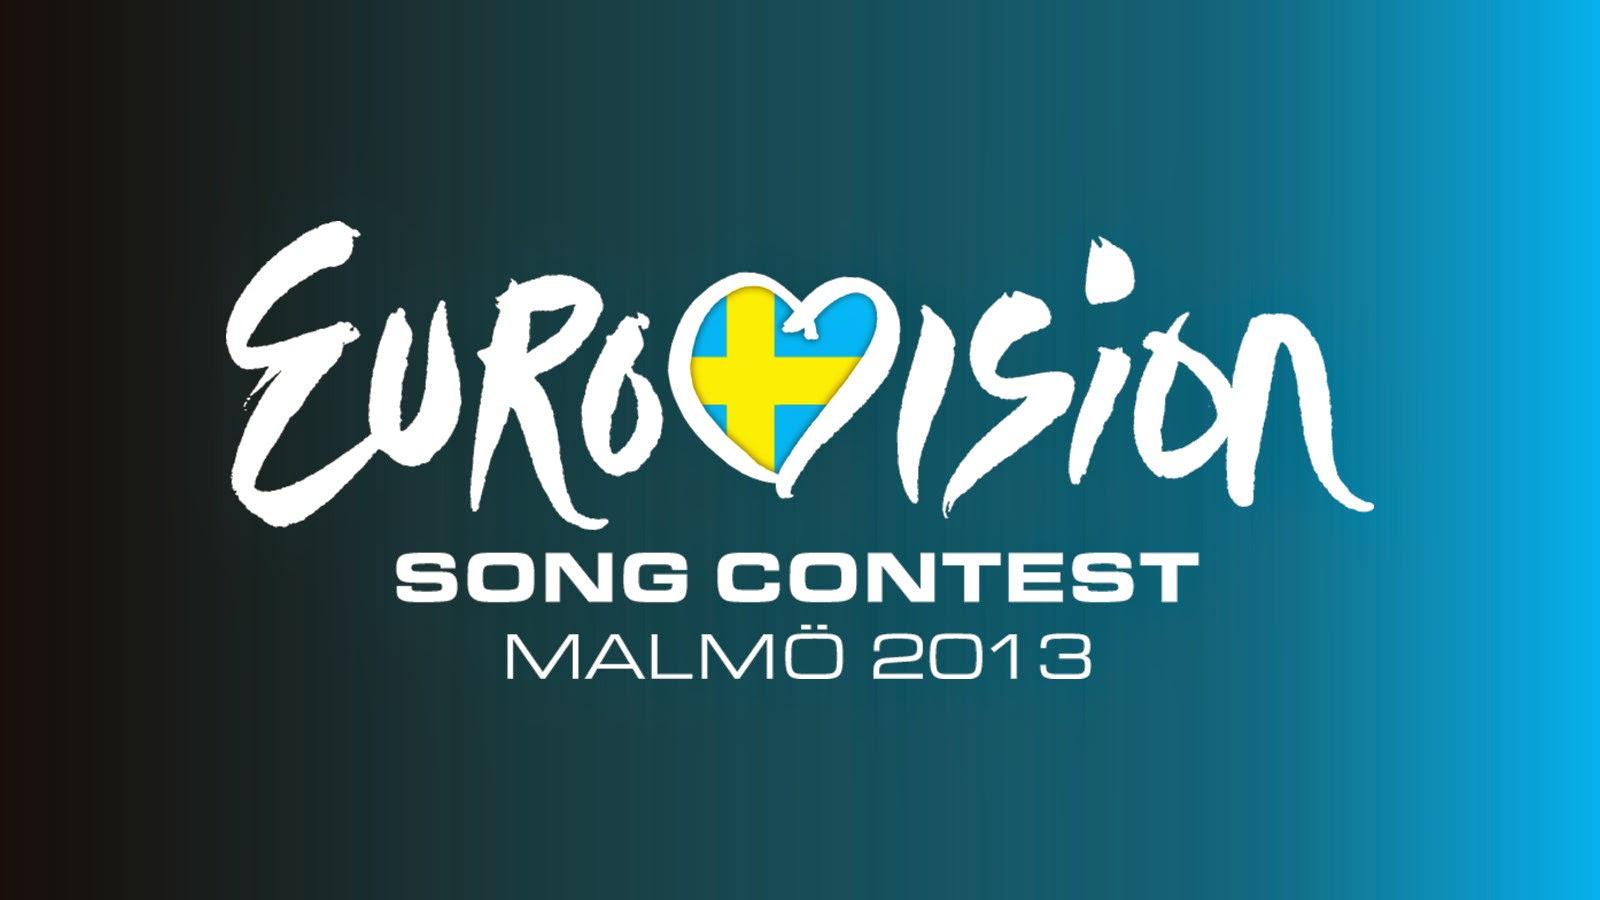 Mi predicción de ganador para Eurovisión 2013